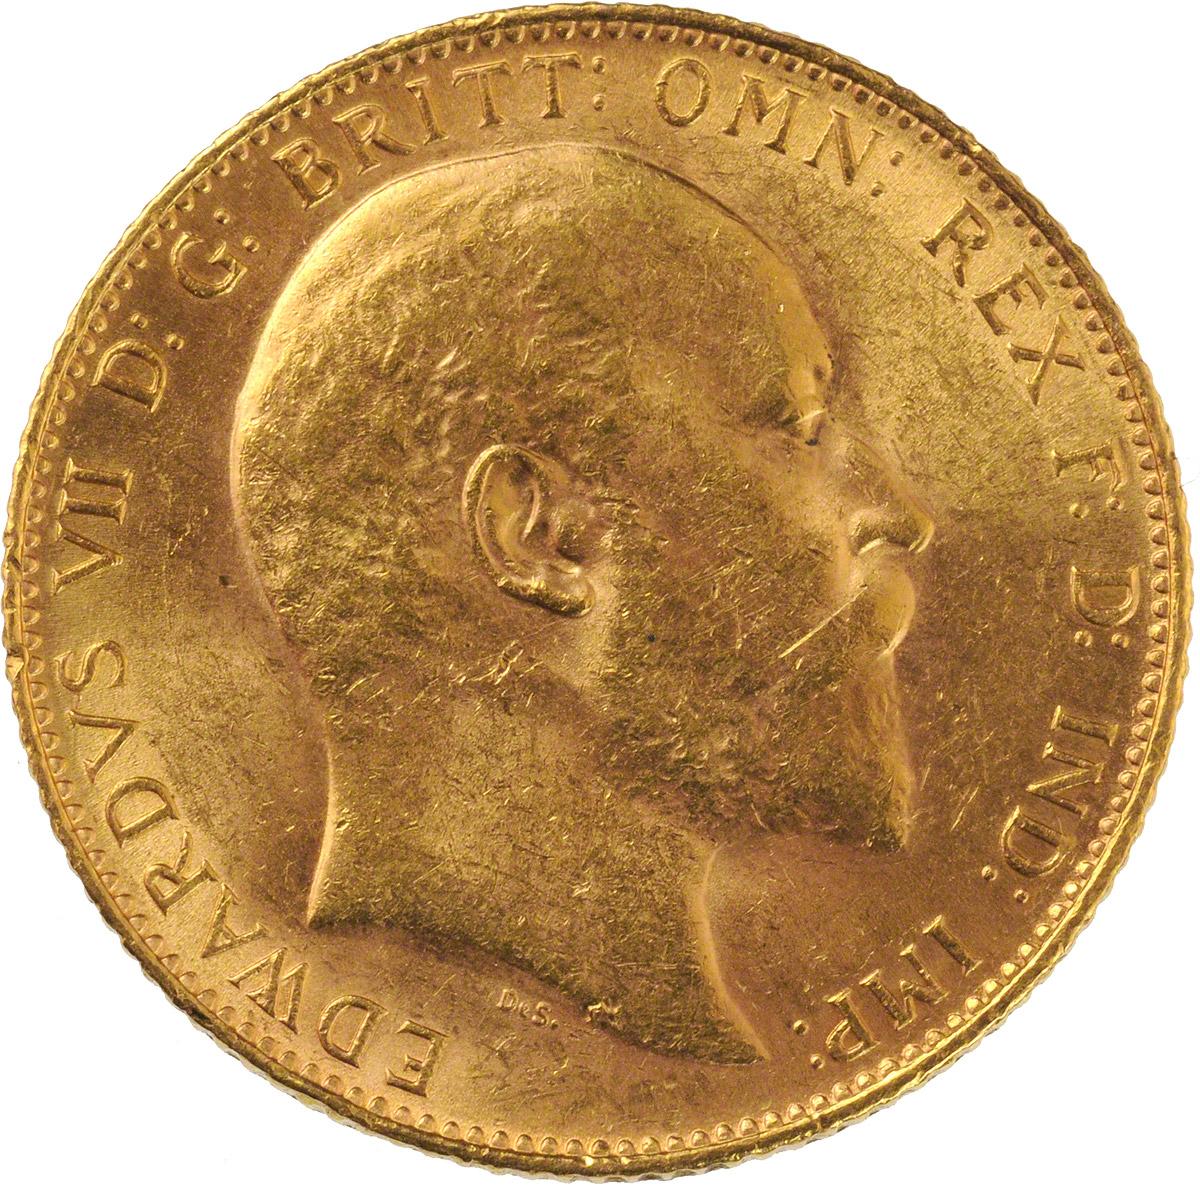 1910 Εδουάρδος Ζ' (Νομισματοκοπείο Λονδίνου)